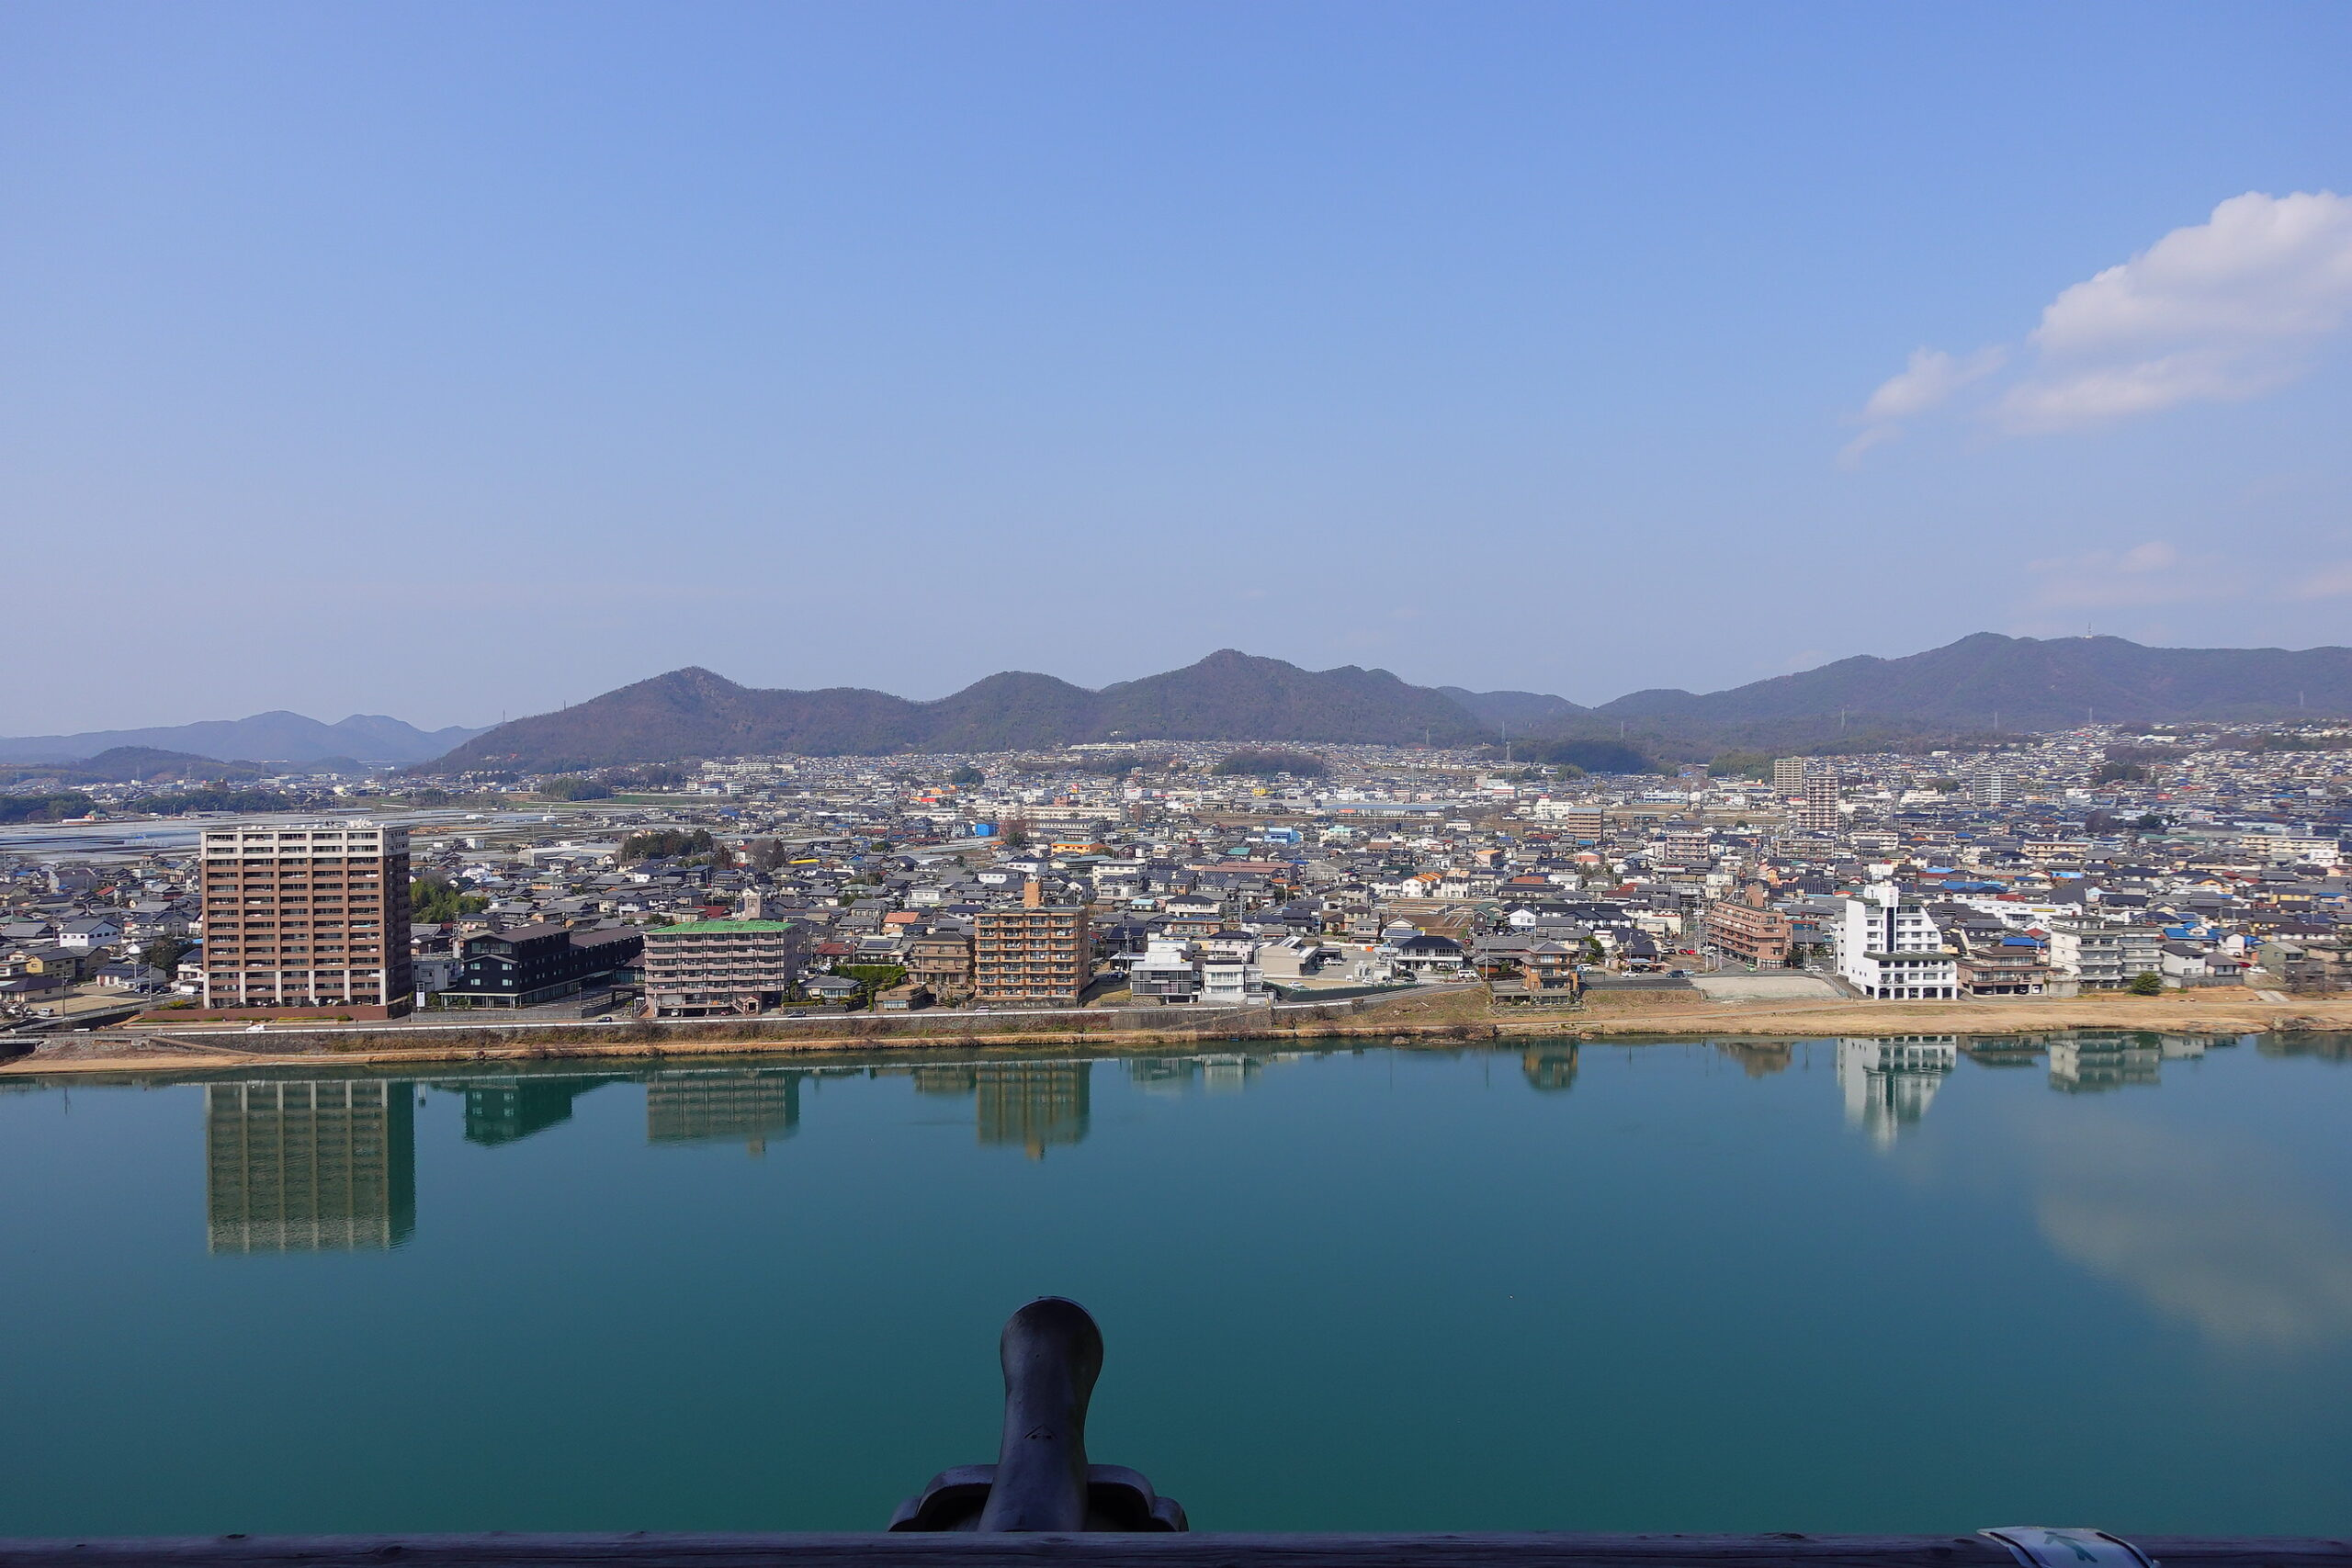 犬山城からの眺め木曽川対岸